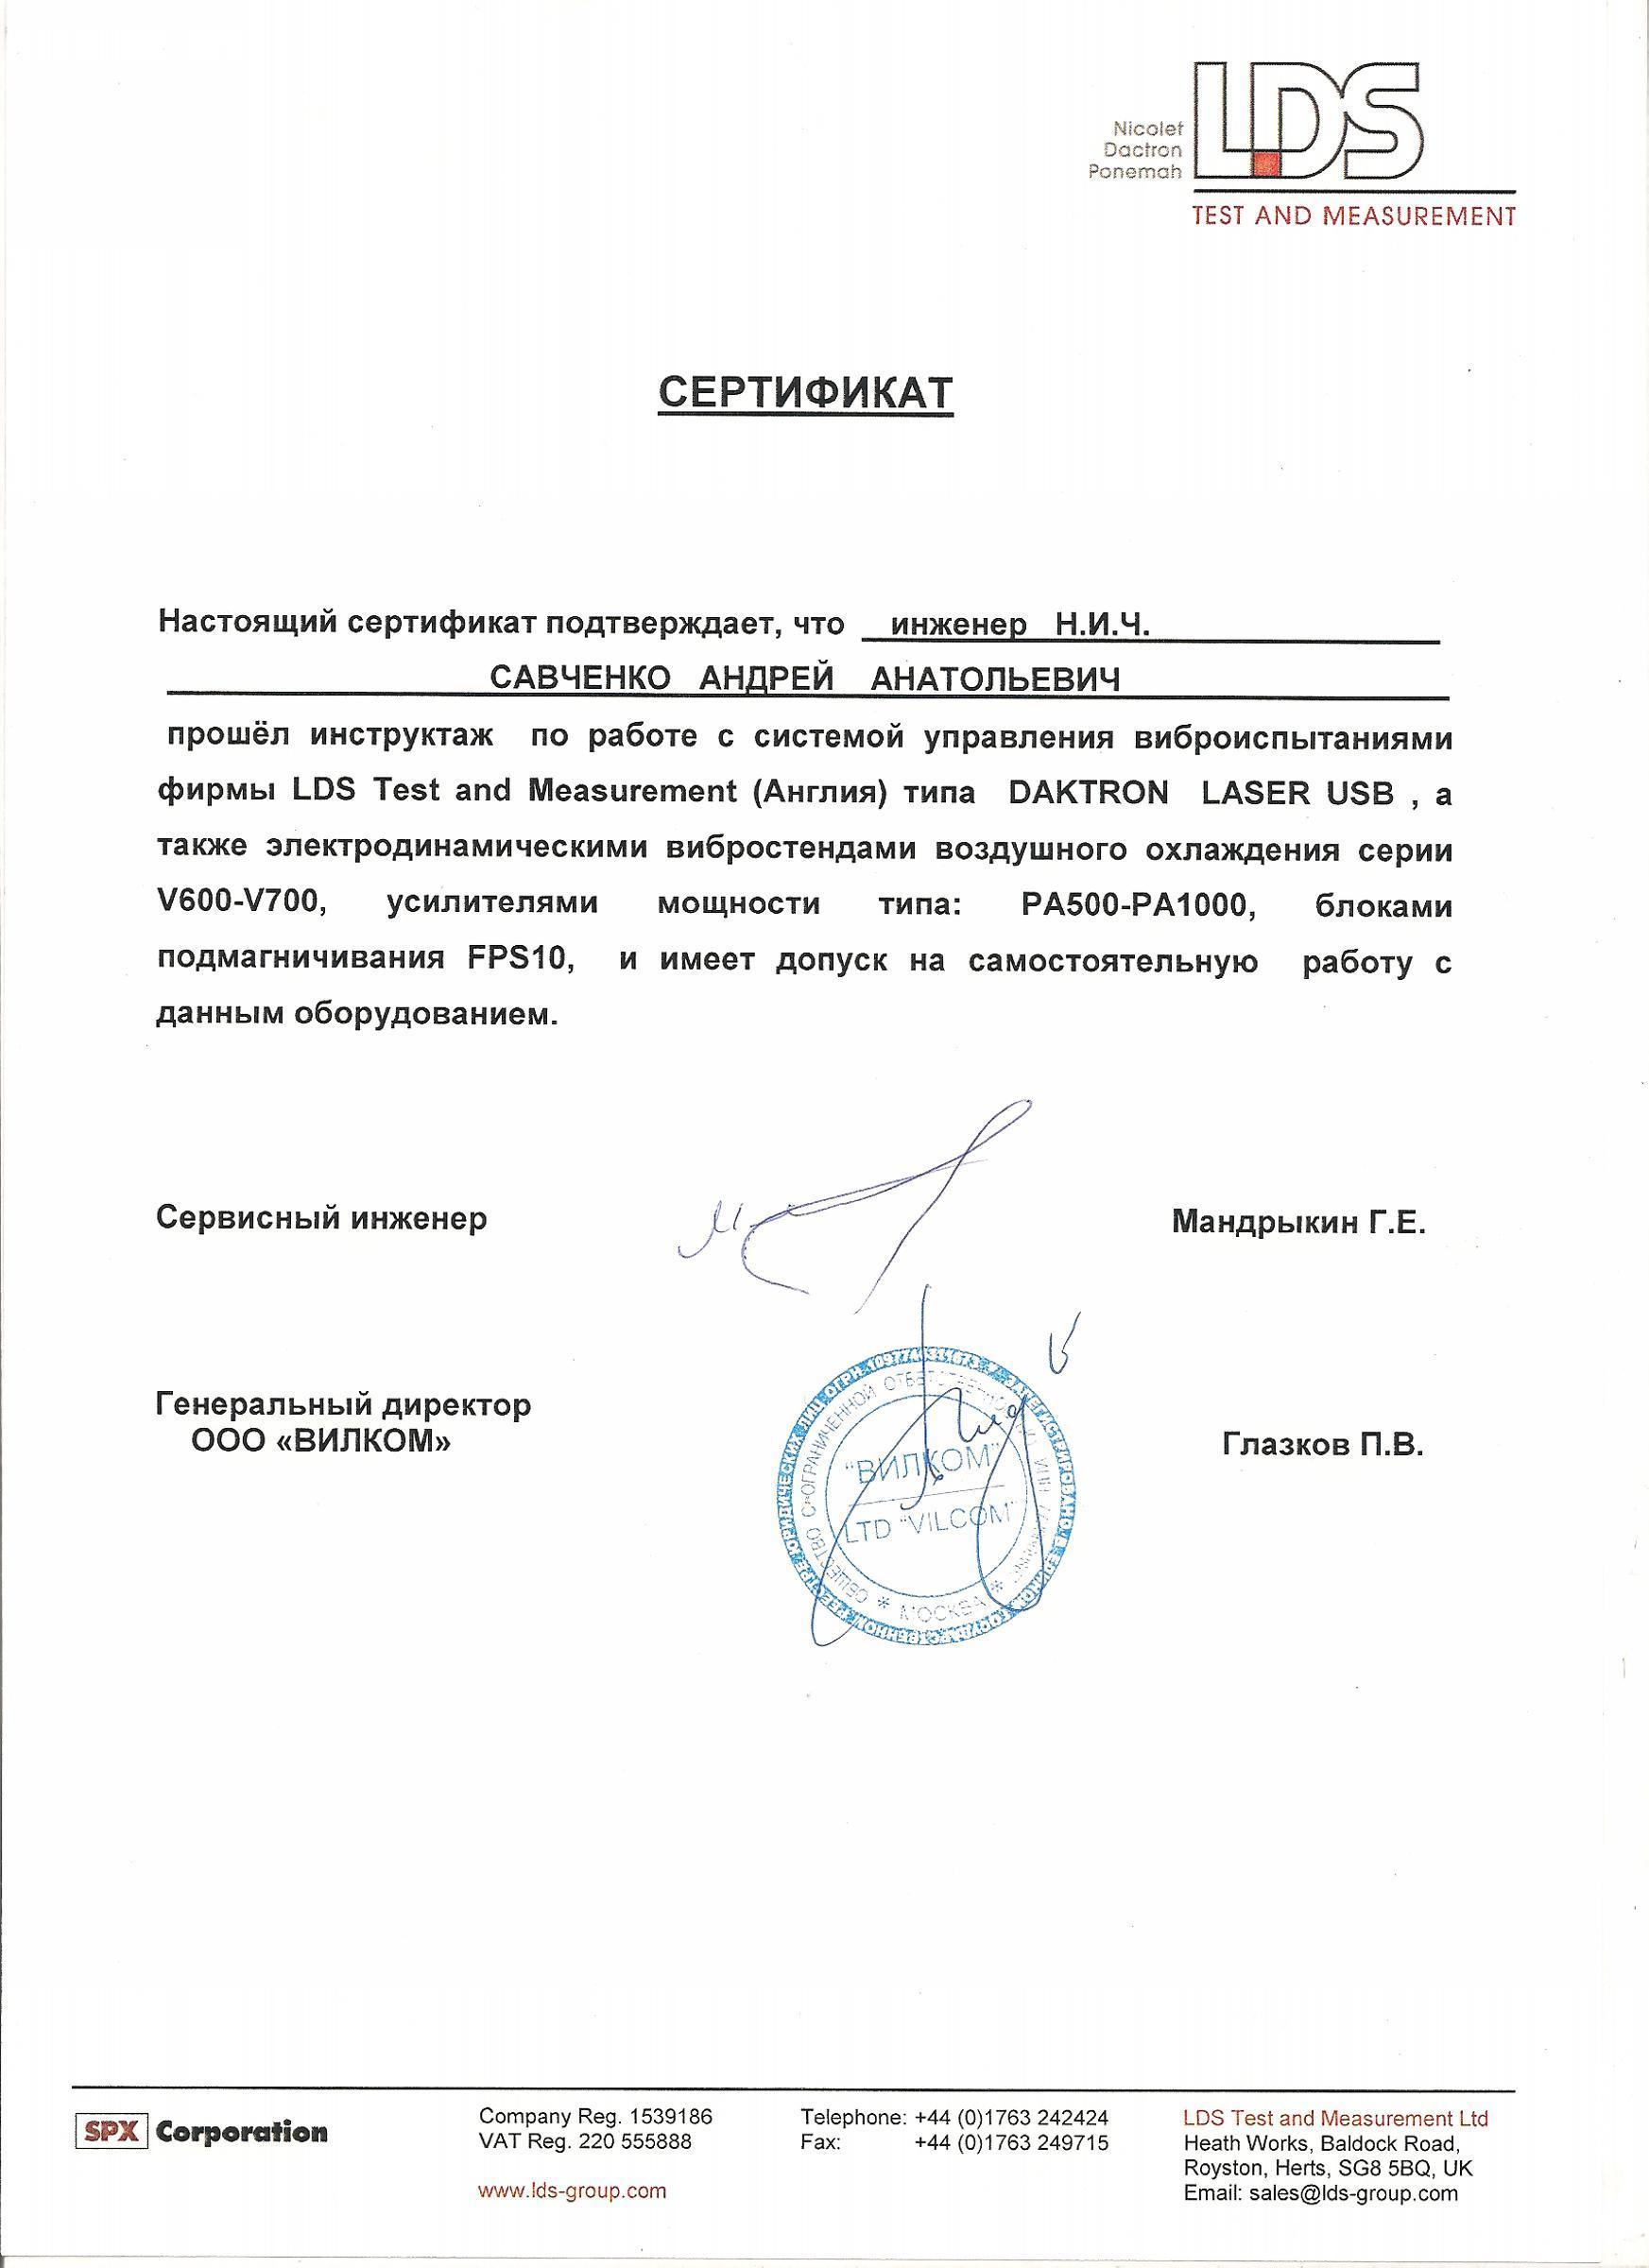 Сертификат об обучении на работу на системе виброиспытаний